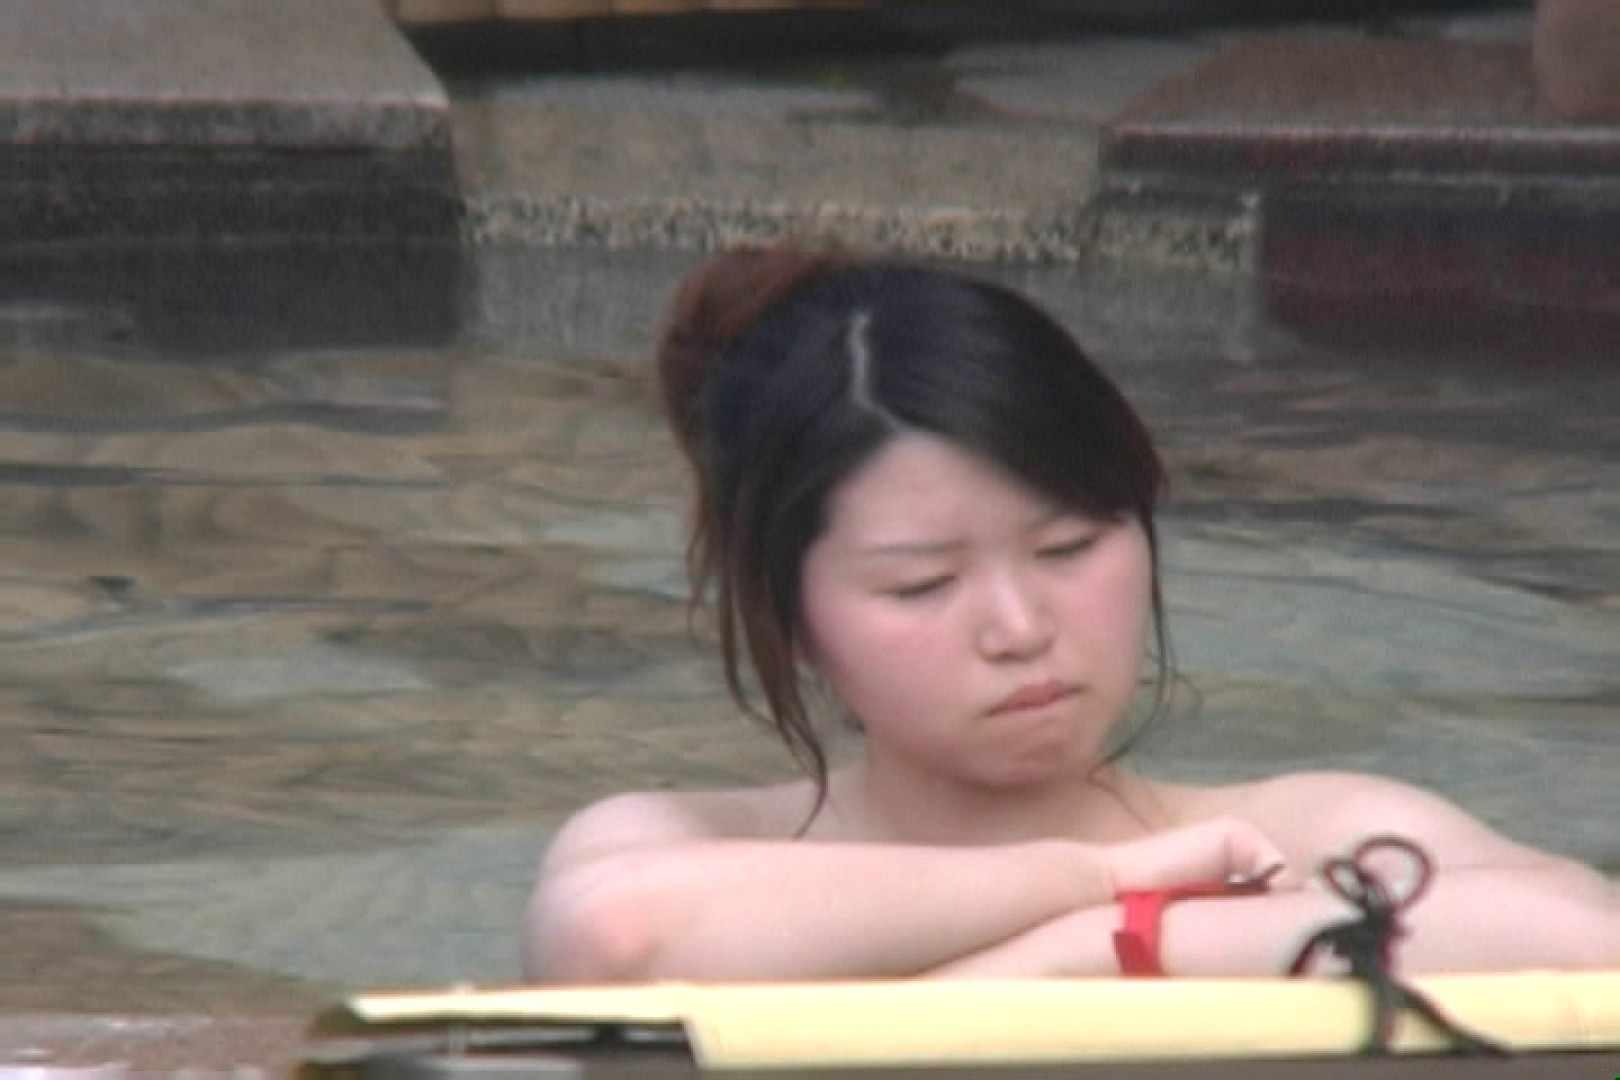 Aquaな露天風呂Vol.60 盗撮 | OLのエロ生活  28連発 25